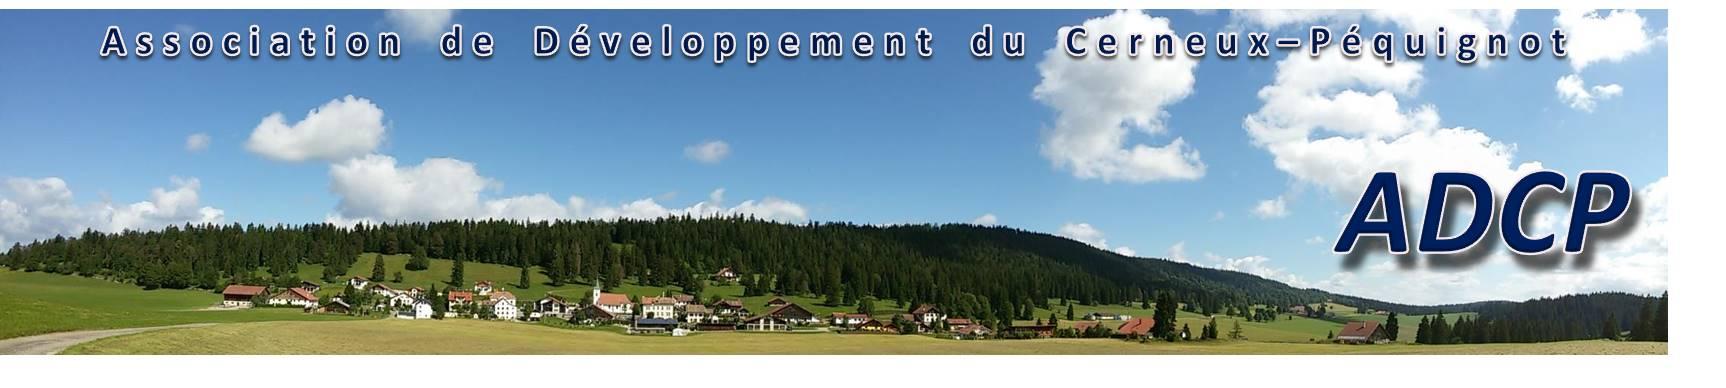 Association de Développement du Cerneux-Péquignot